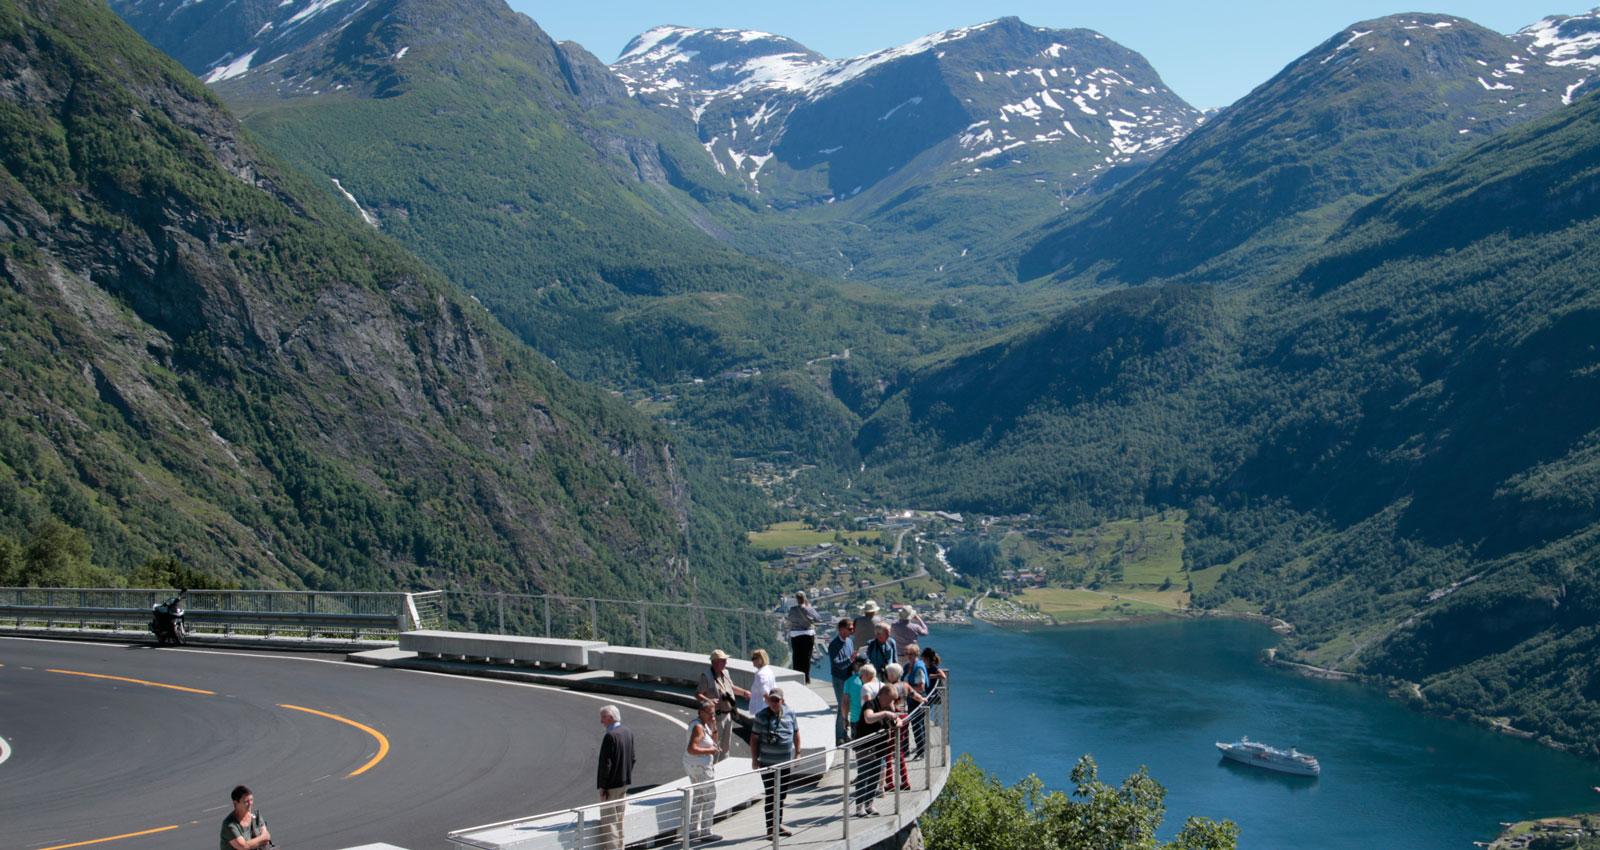 Vid Ørnesvingens slut är det lätt att parkera för att fotografera Geirangerfjorden och kryssningsfartygen.